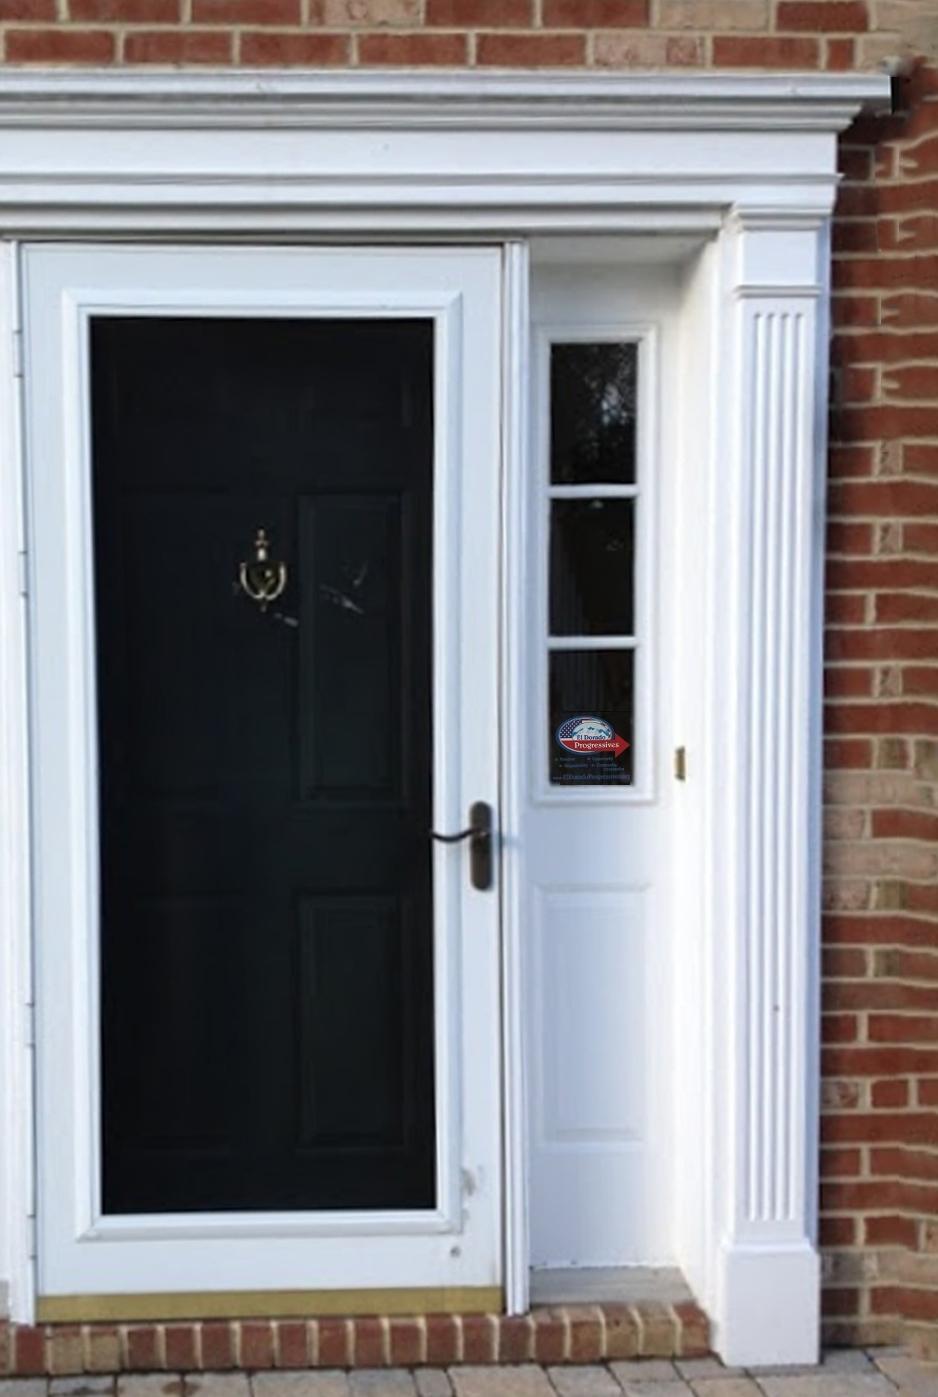 Window Cling in Door.jpg & Take Action \u2014 El Dorado Progressives